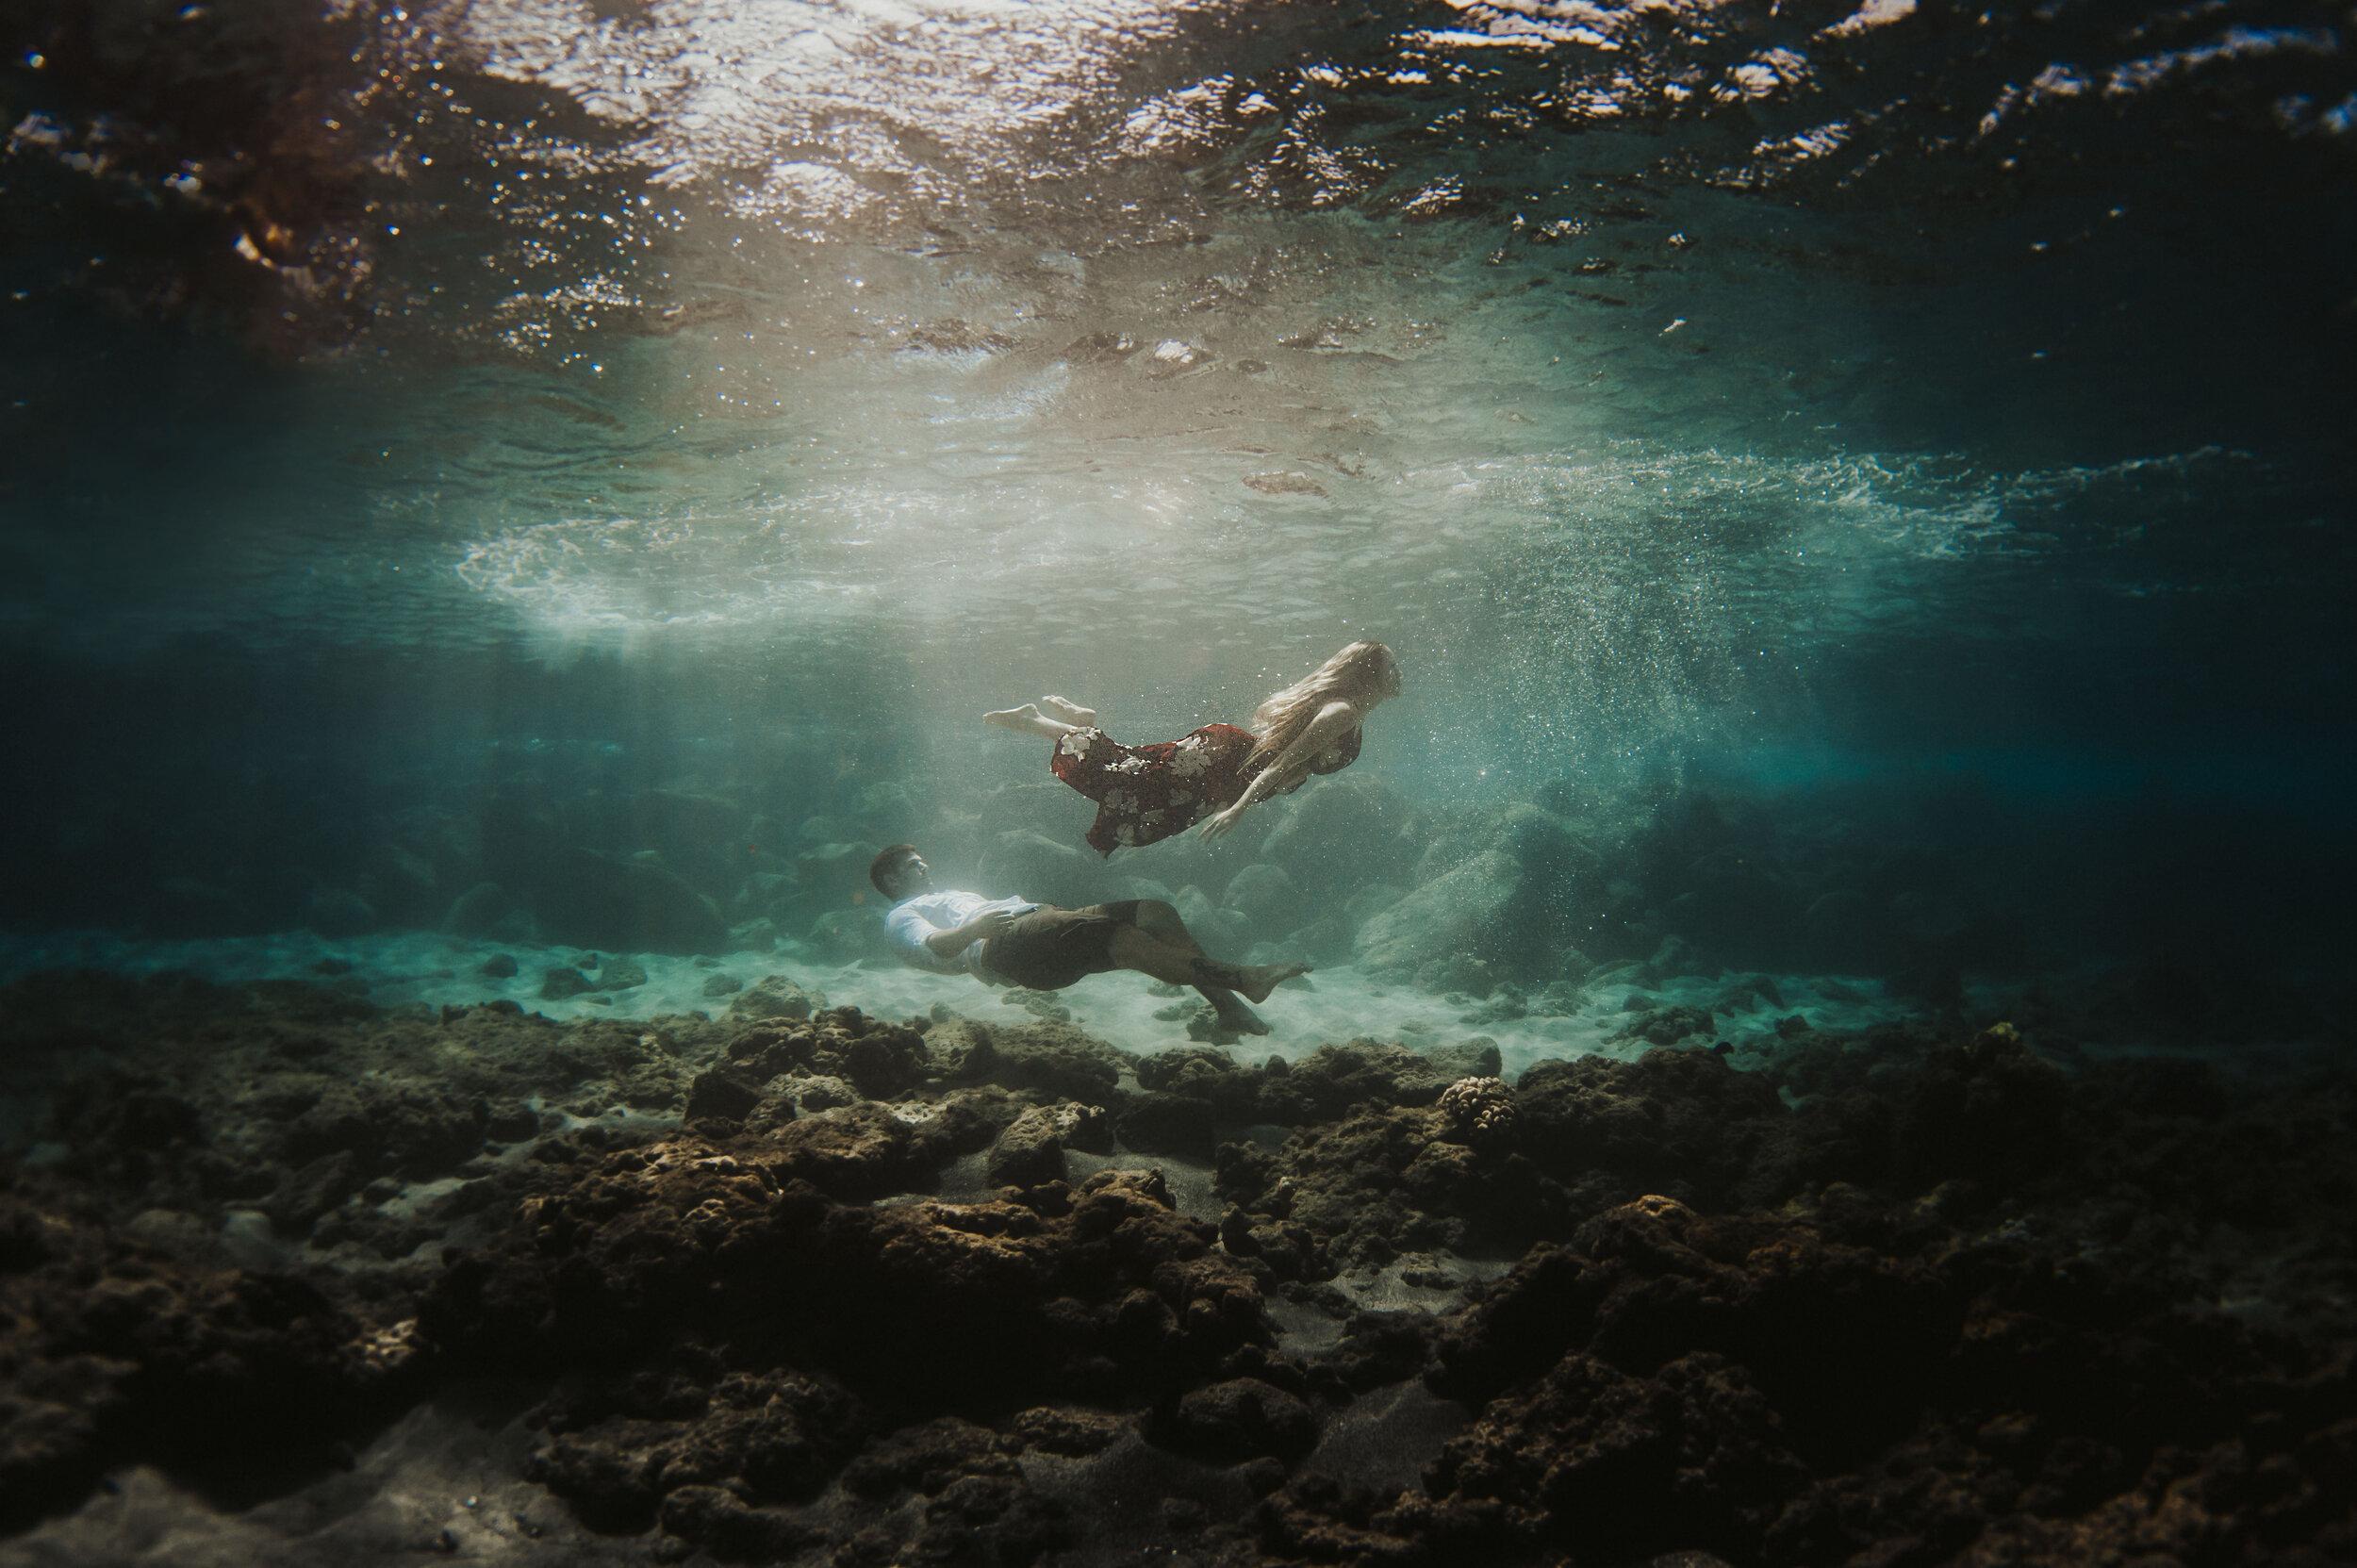 underwaterjpg.jpg